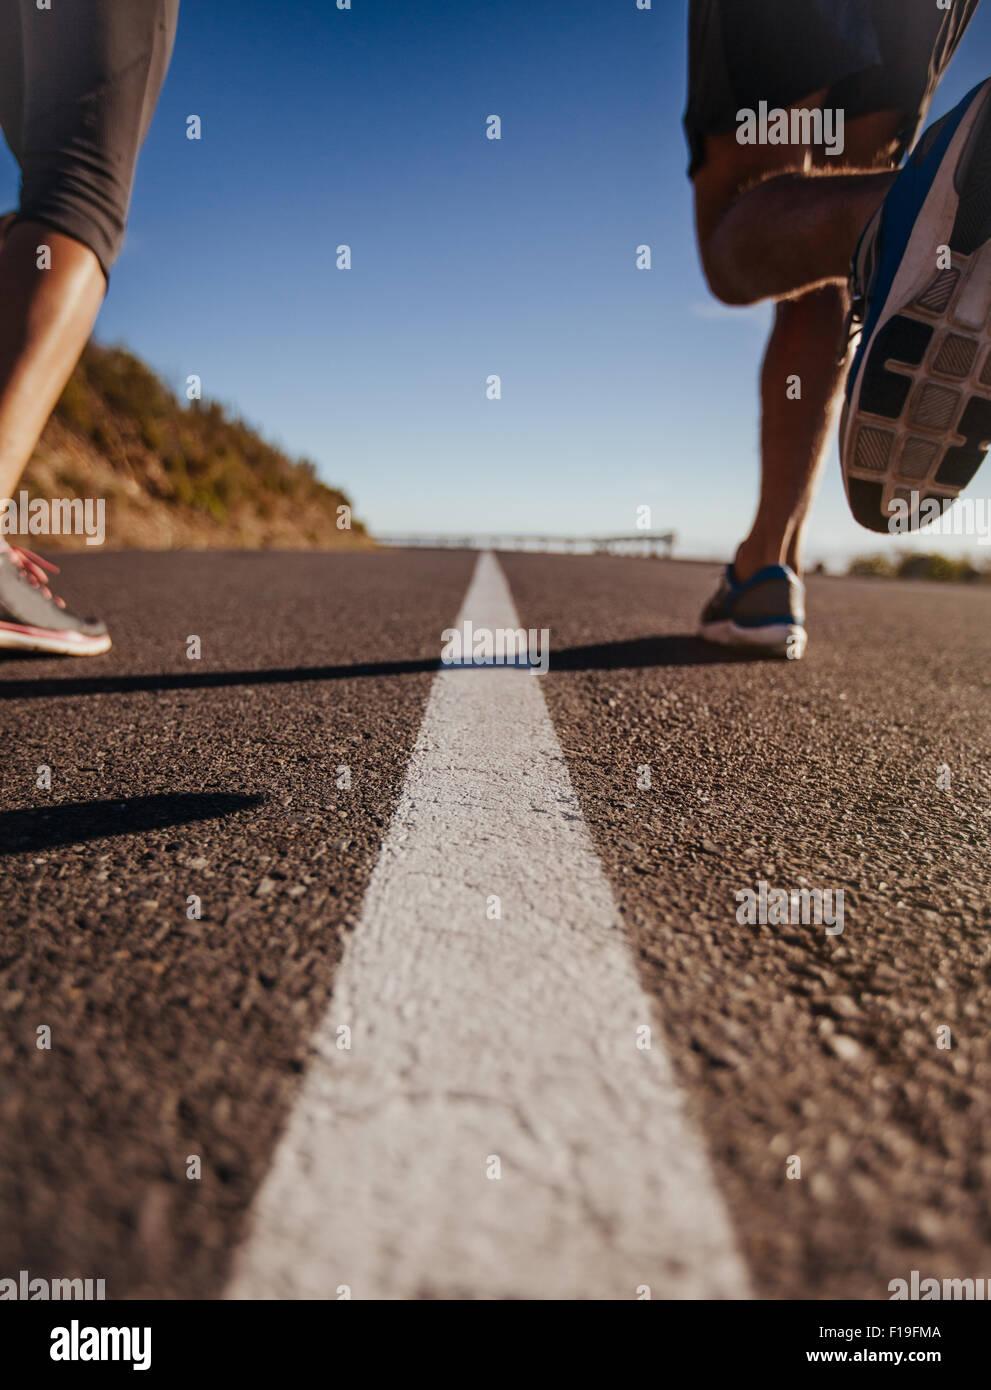 Tiros de ángulo bajo las piernas de los corredores se ejecuta en medio de la carretera. Vista trasera de cerca Imagen De Stock